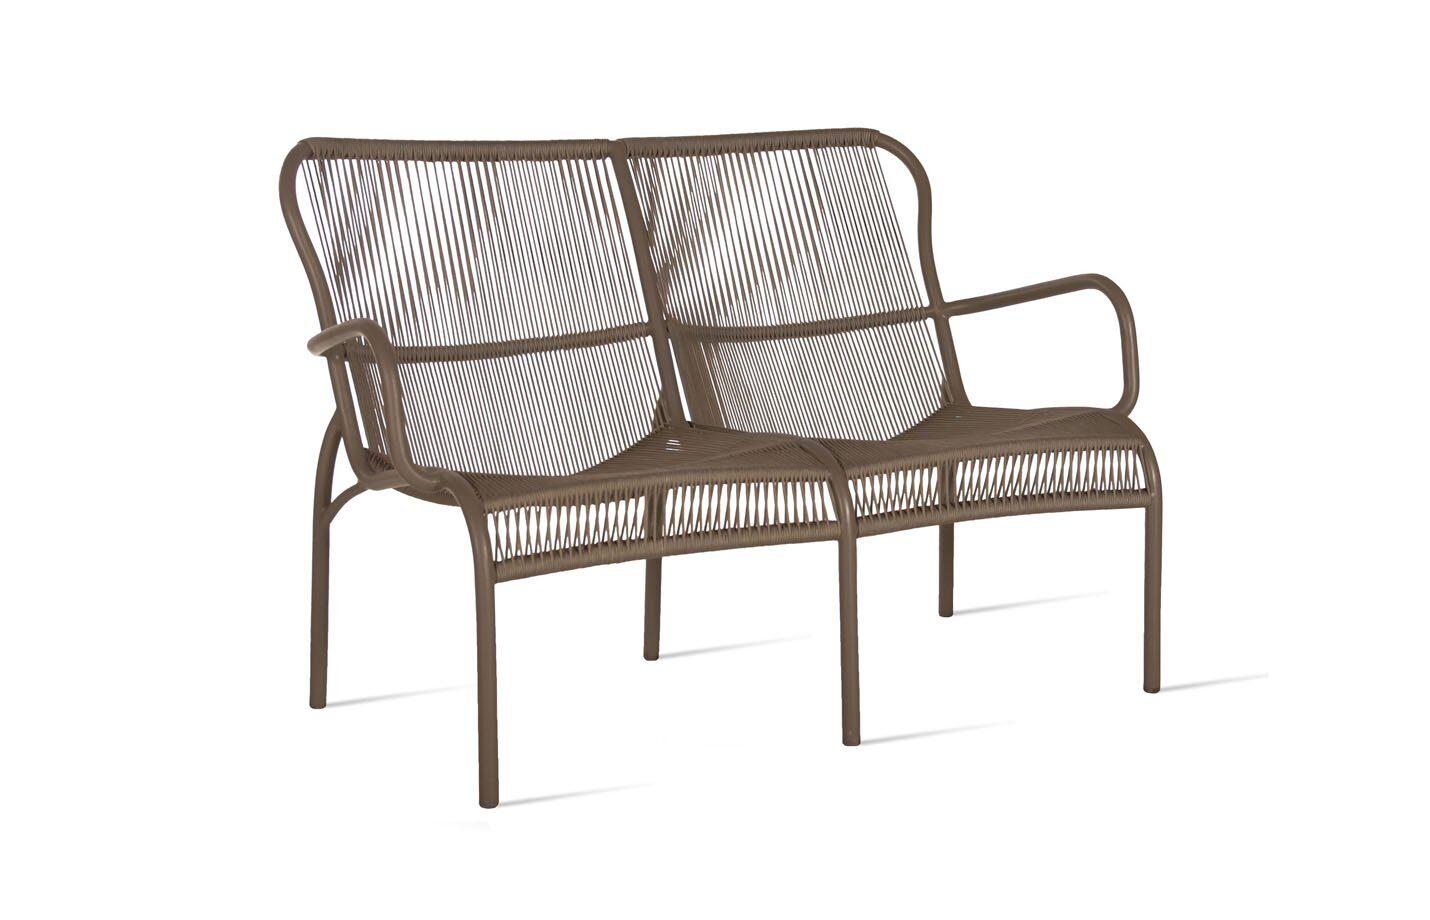 Loop-sofa-rope-outdoor-02